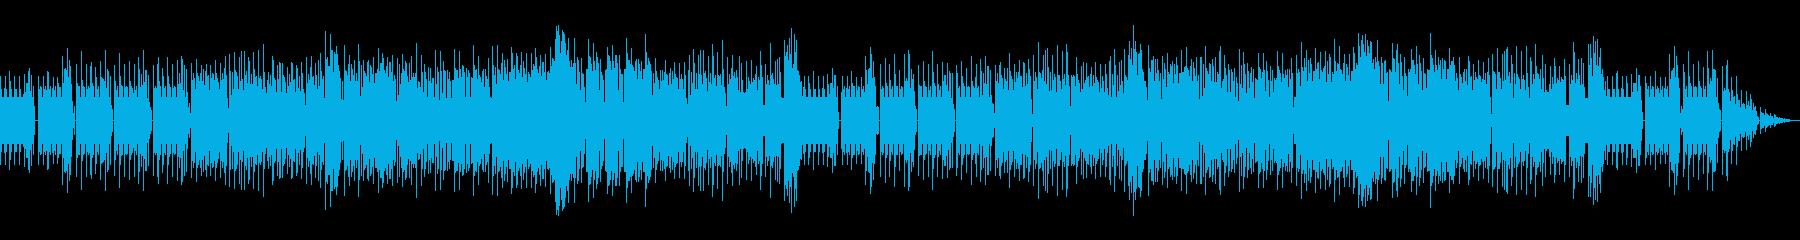 アクションバトルテージ曲!(昔のゲーム音の再生済みの波形